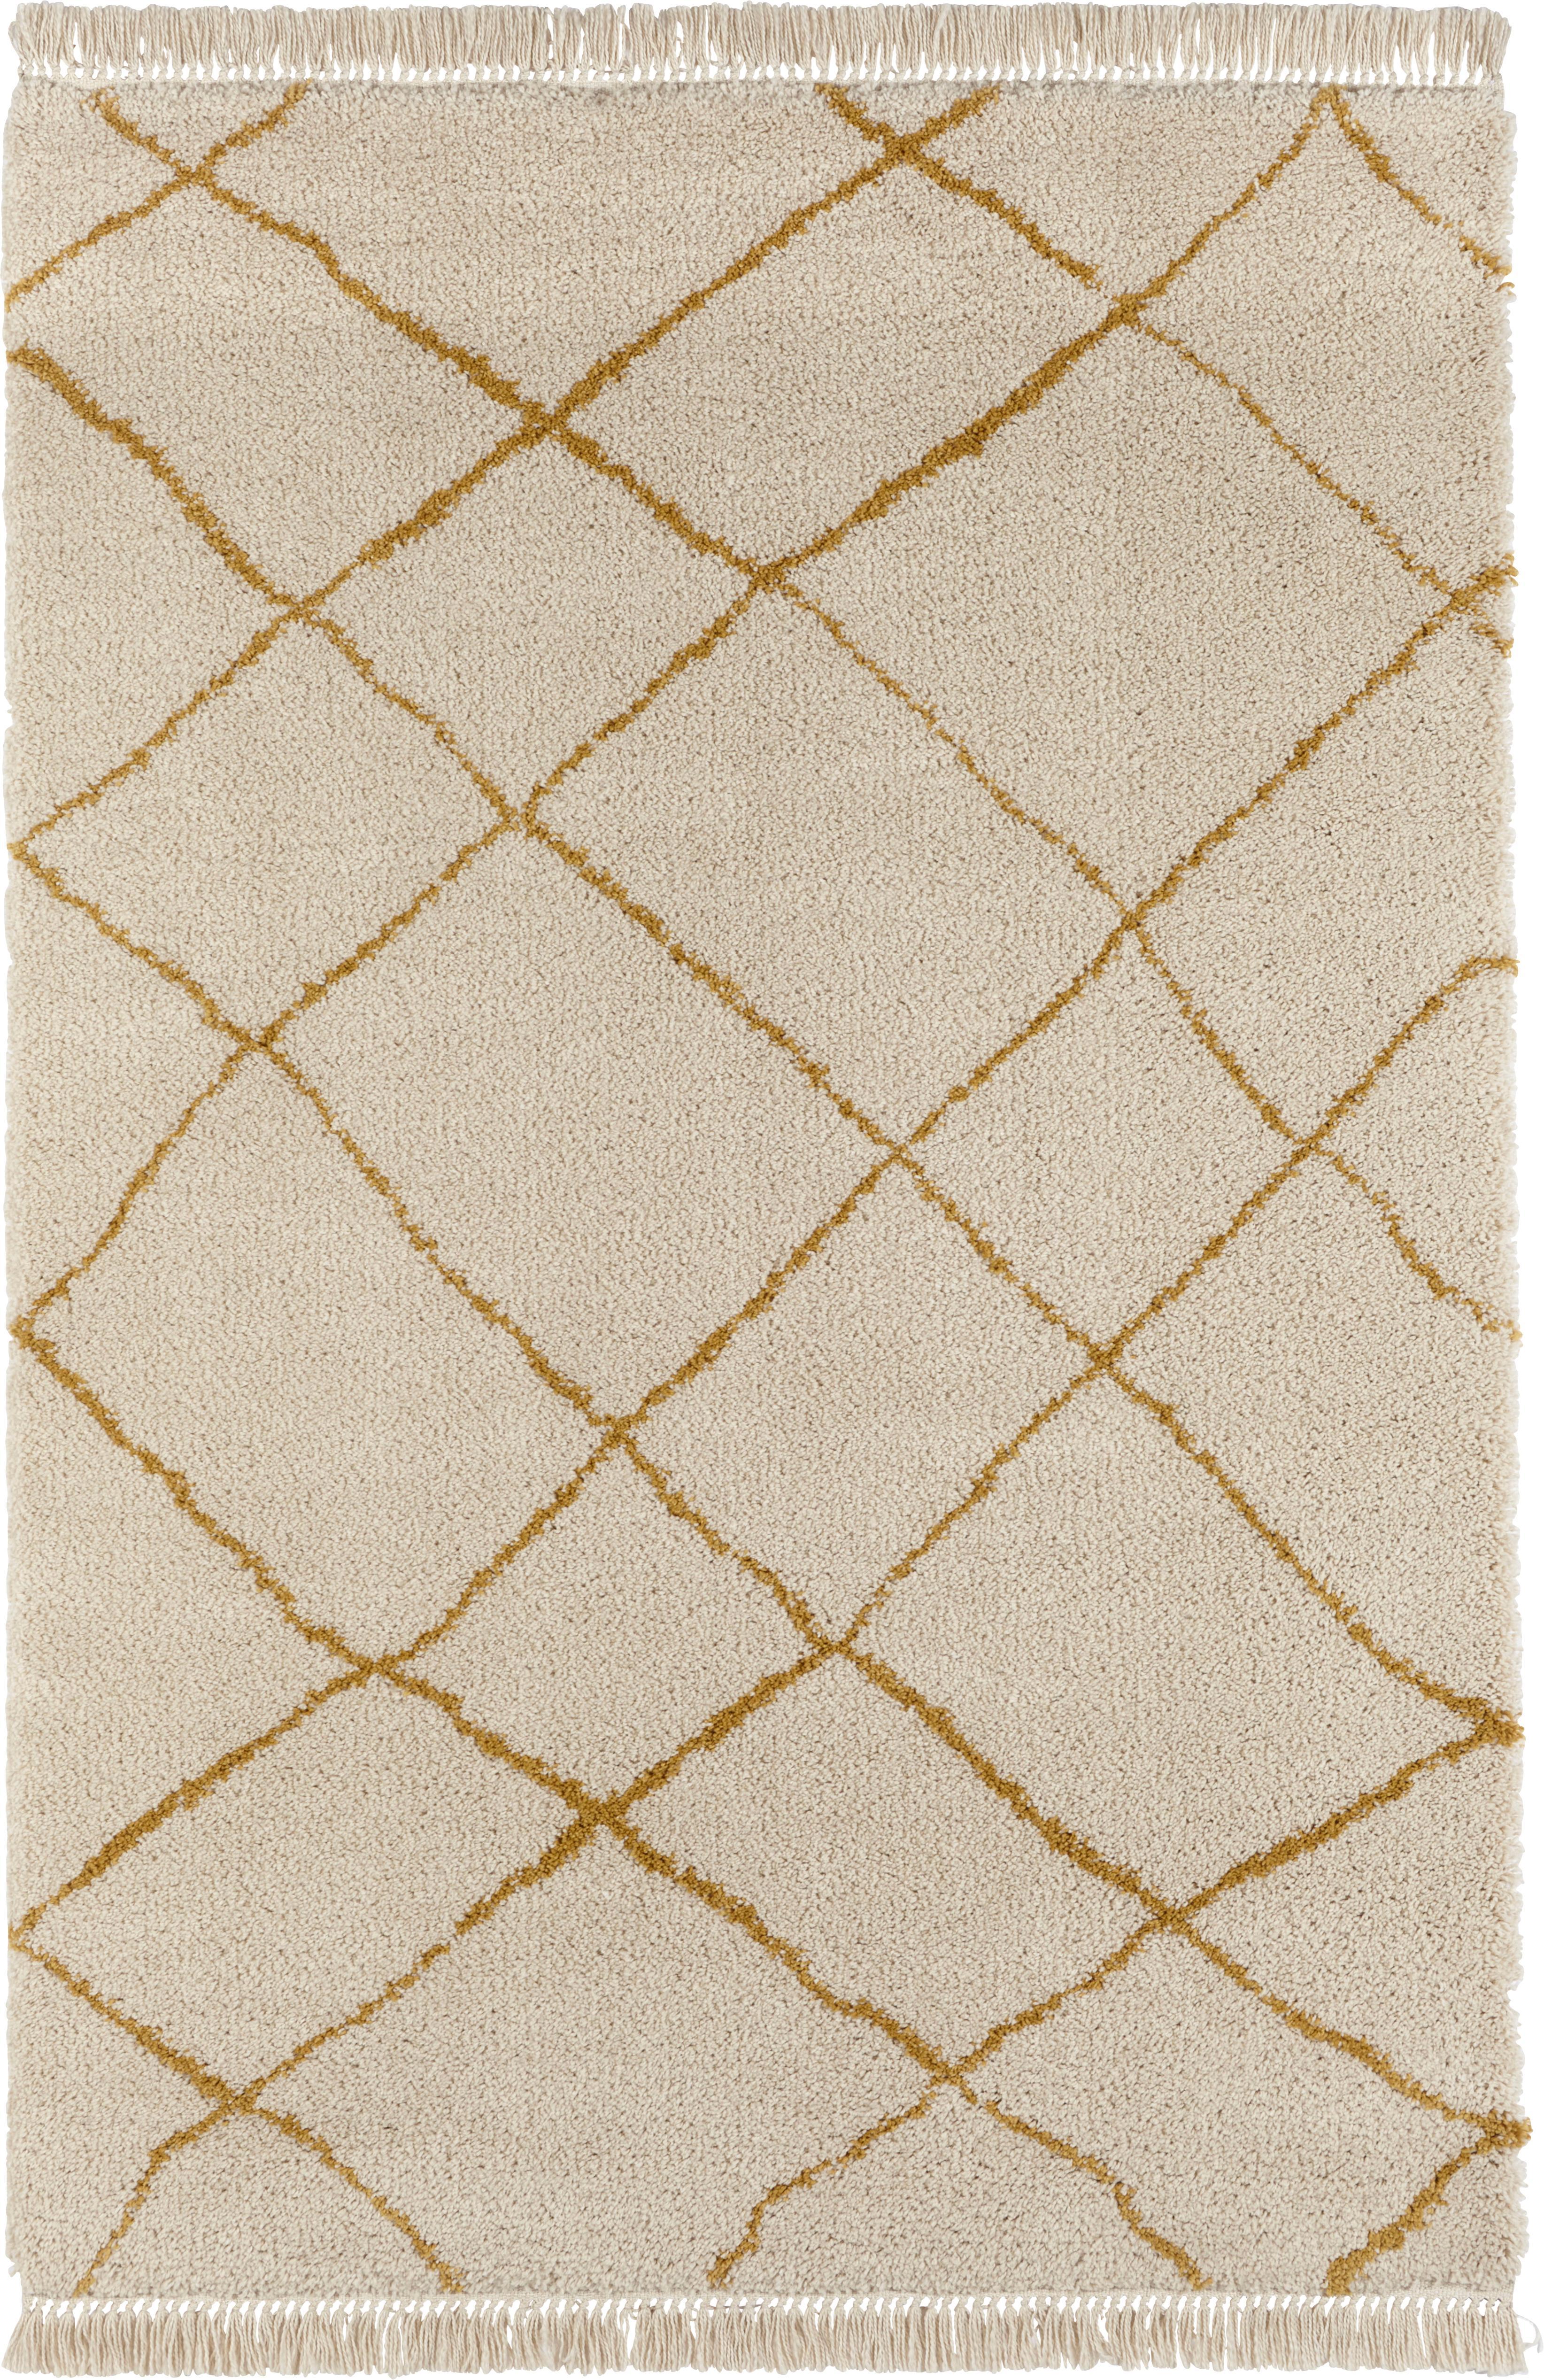 Flauschiger Hochflor-Teppich Primrose in Creme mit Rautenmuster, Creme, Goldgelb, B 120 x L 170 cm (Größe S)